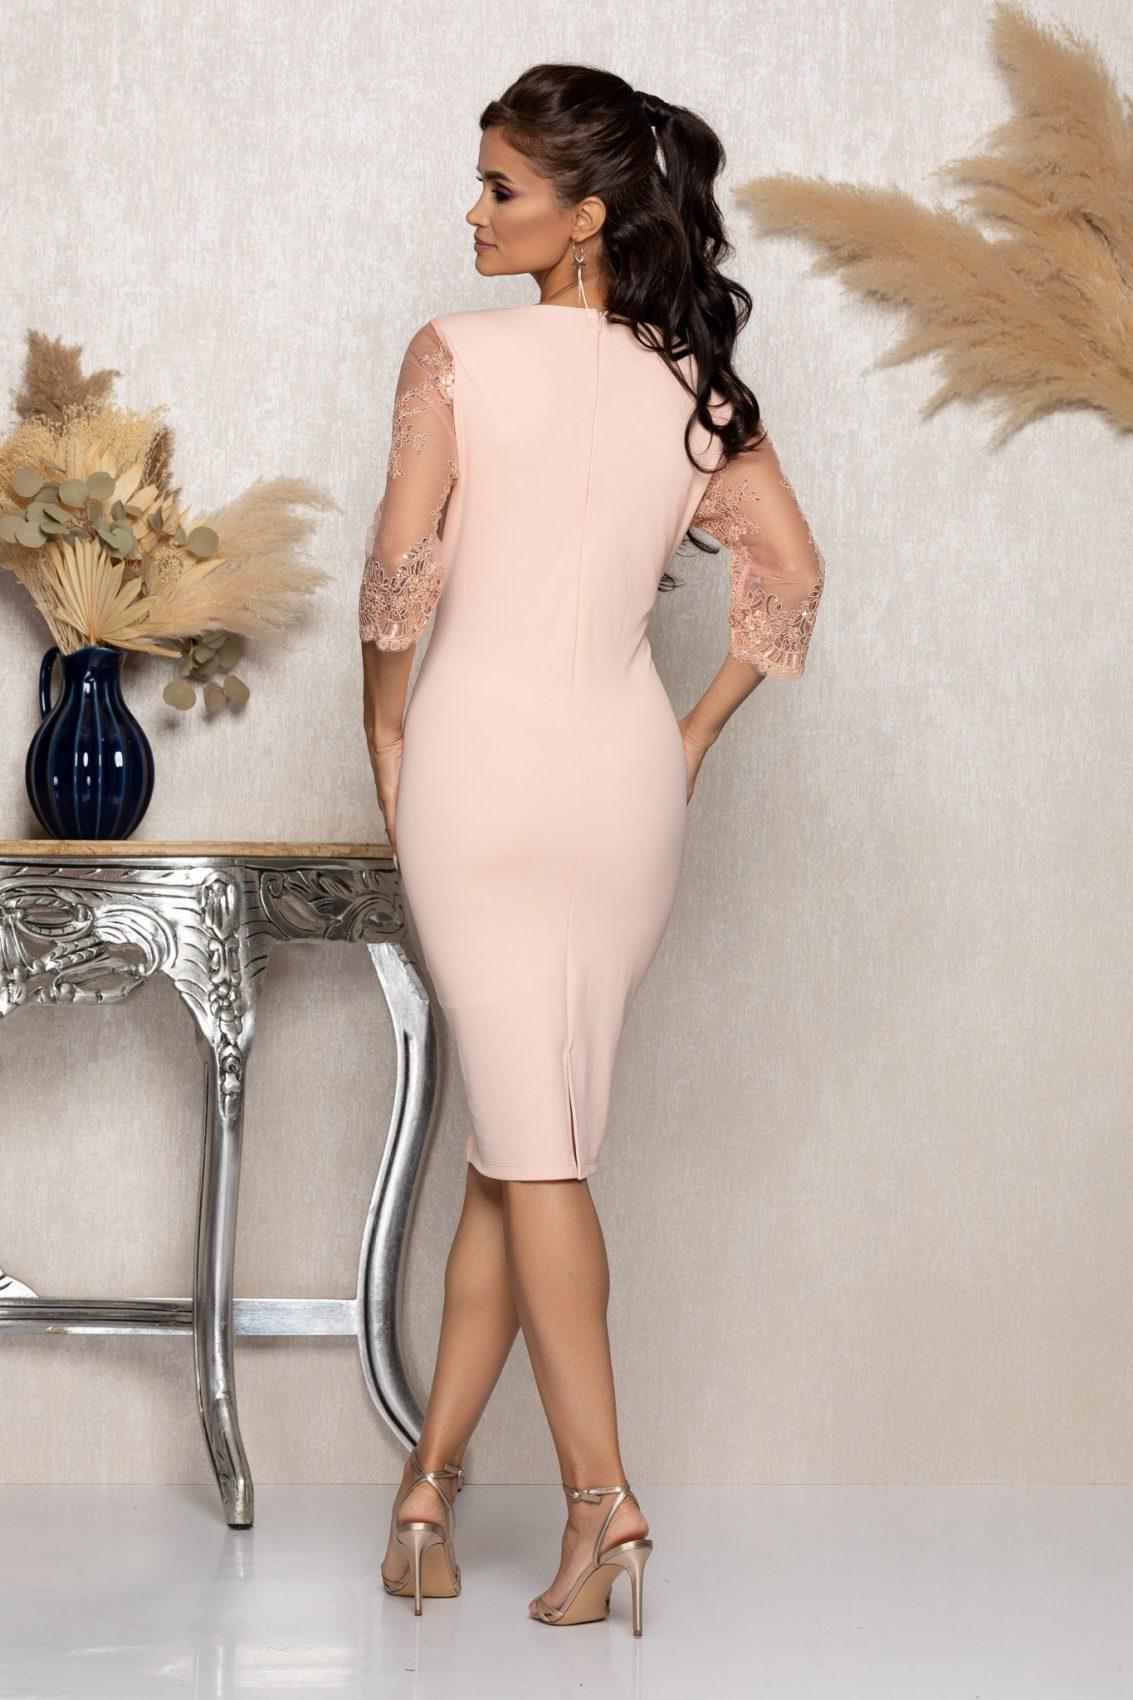 Ροζ Μίντι Αμπιγιέ Φόρεμα Με Δαντέλα Verity A953 2